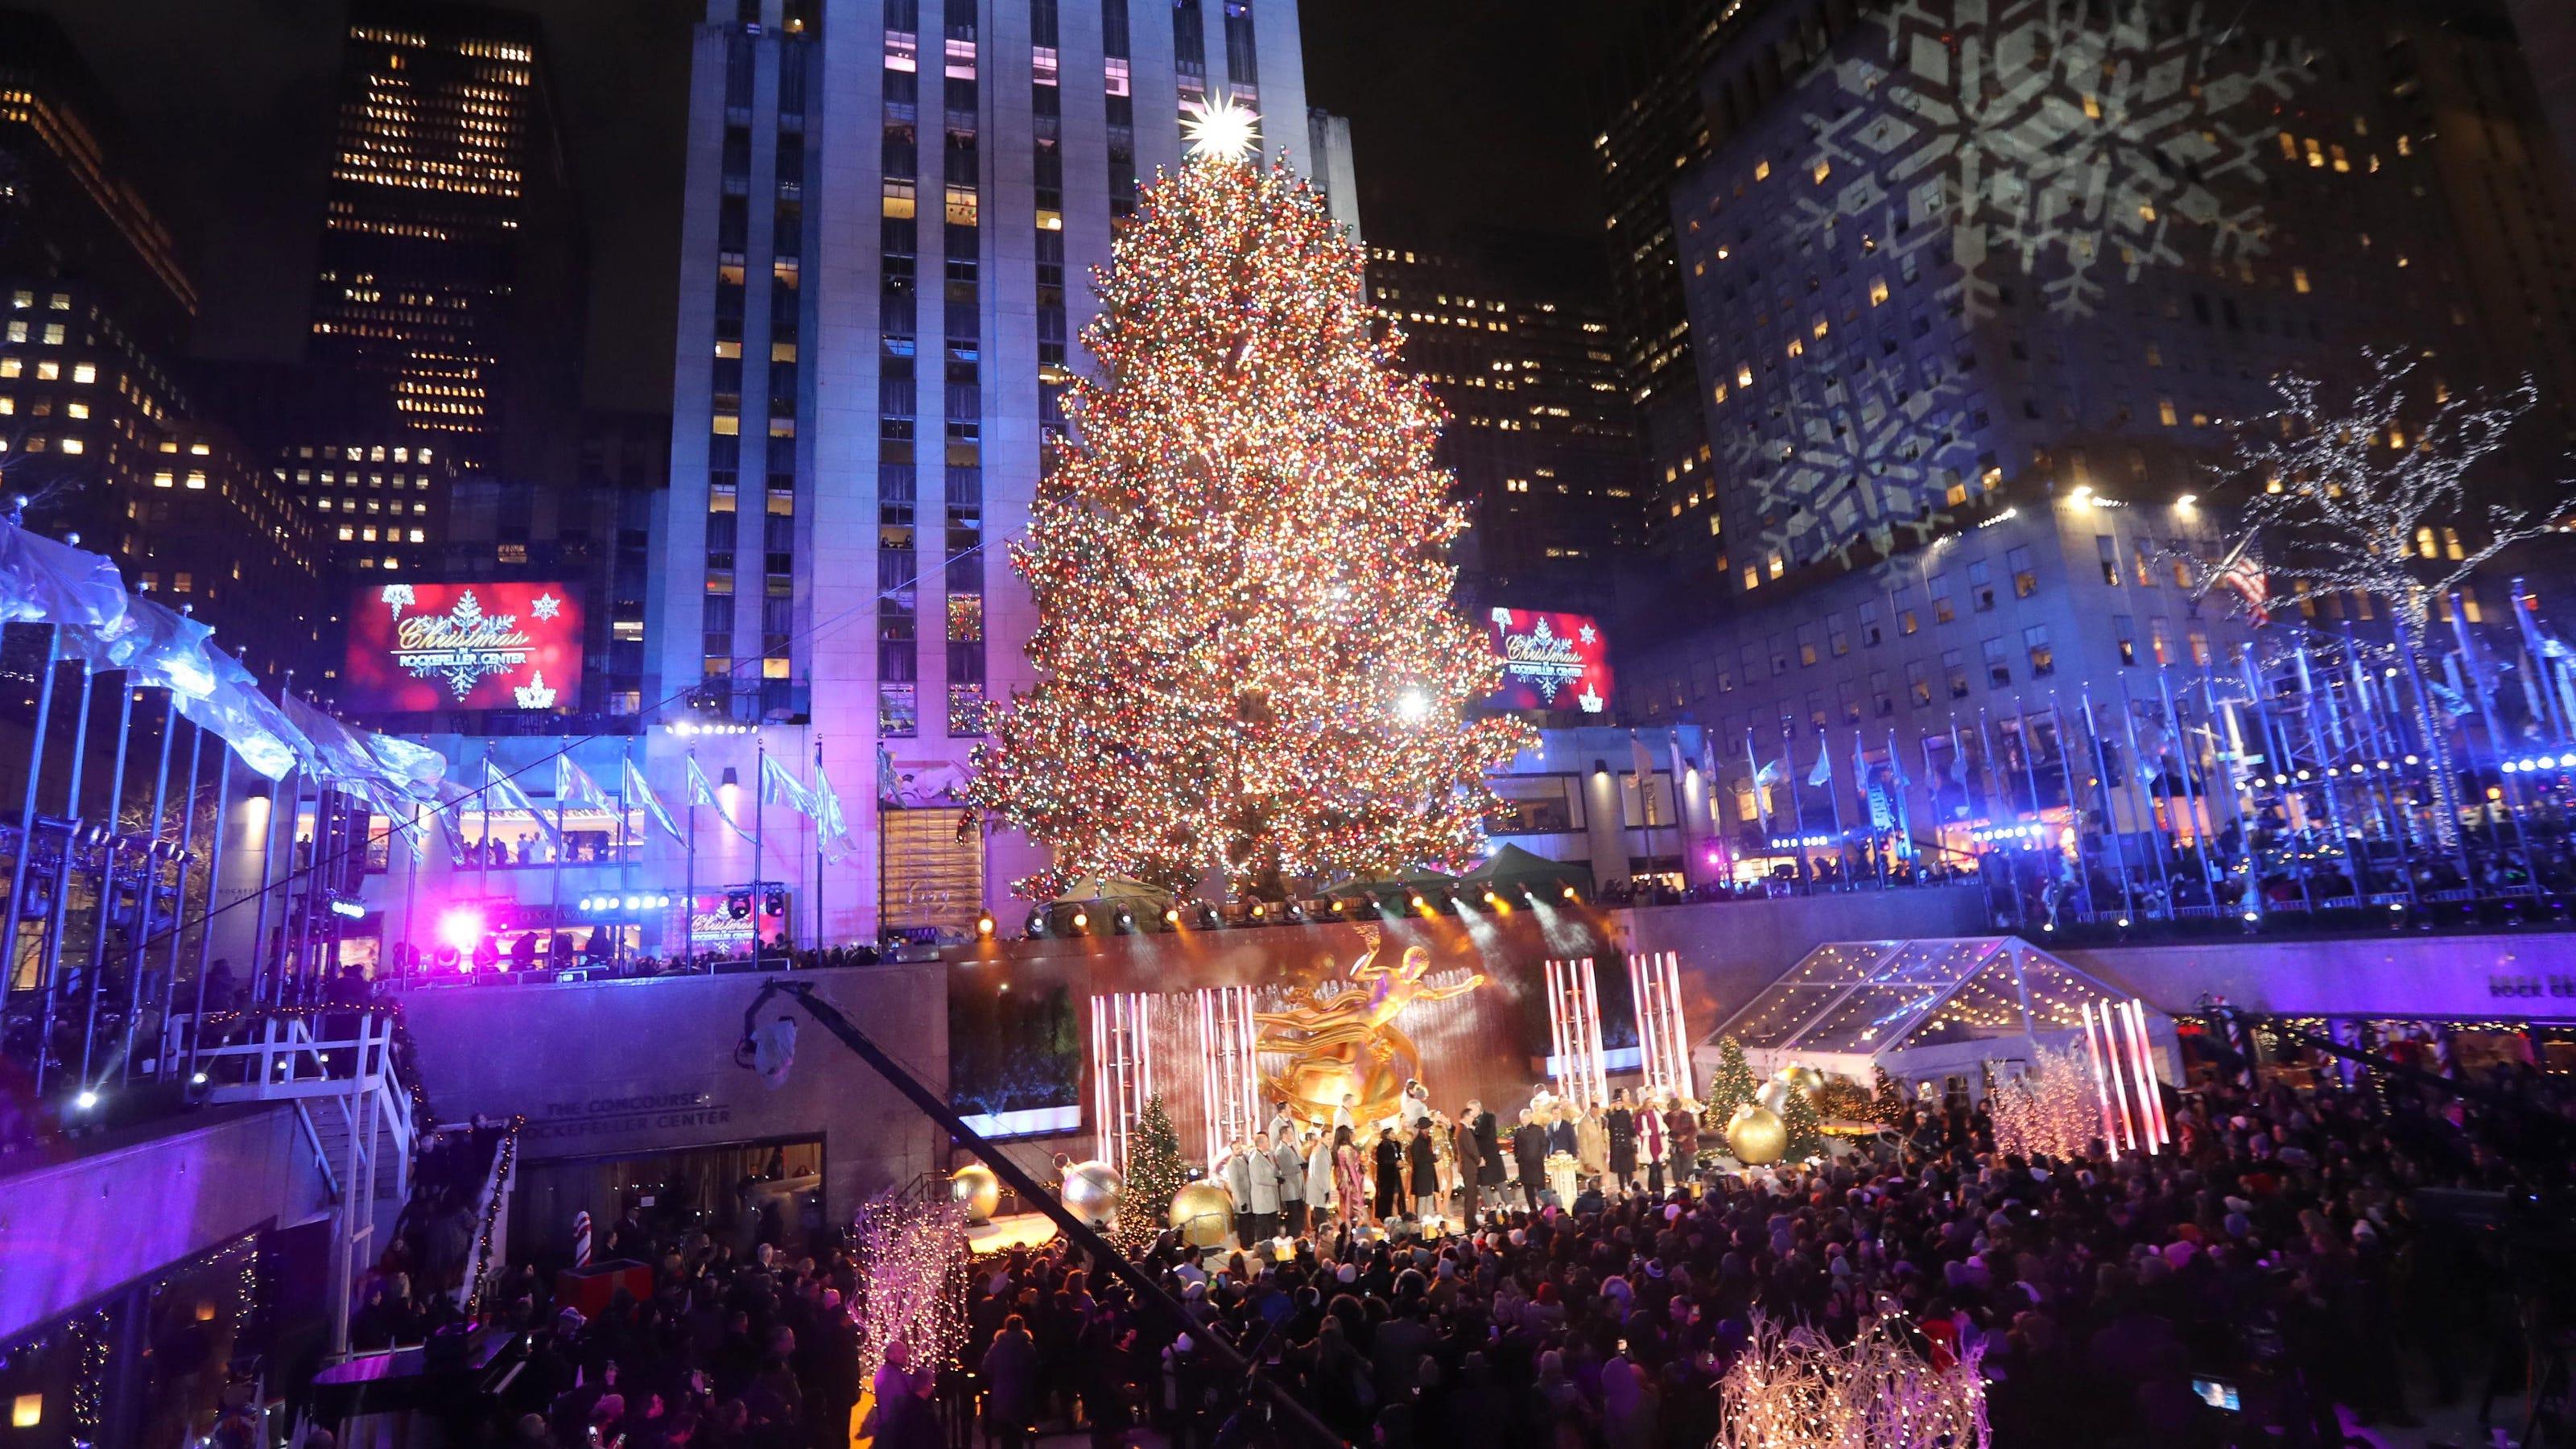 Rockefeller Center tree lighting: What